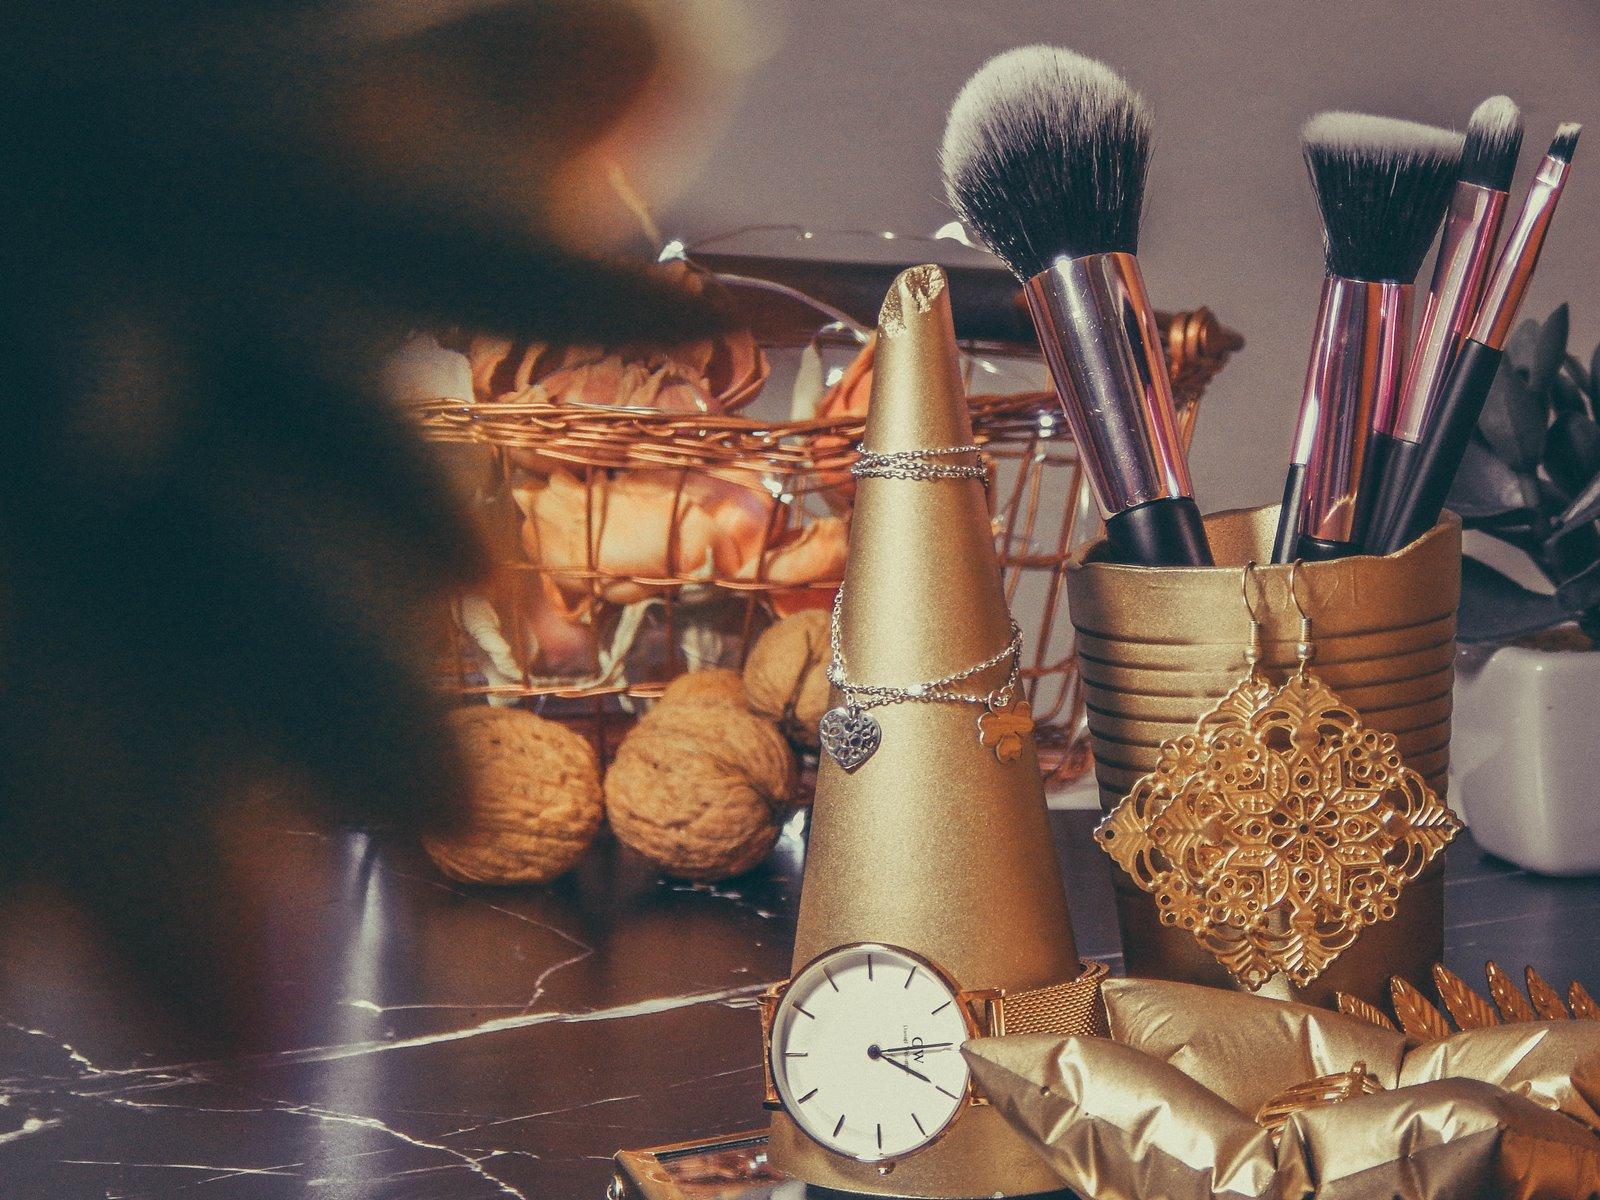 1 contit stylowe złote dodatki do wnętrz stojak na bizuterię jak przechowywać biżuterię nowoczesne dekoracje pomysł na prezent łódzkie upominki prezenty na gwiazdkę co kupić dziewczynie na urodziny, na święta